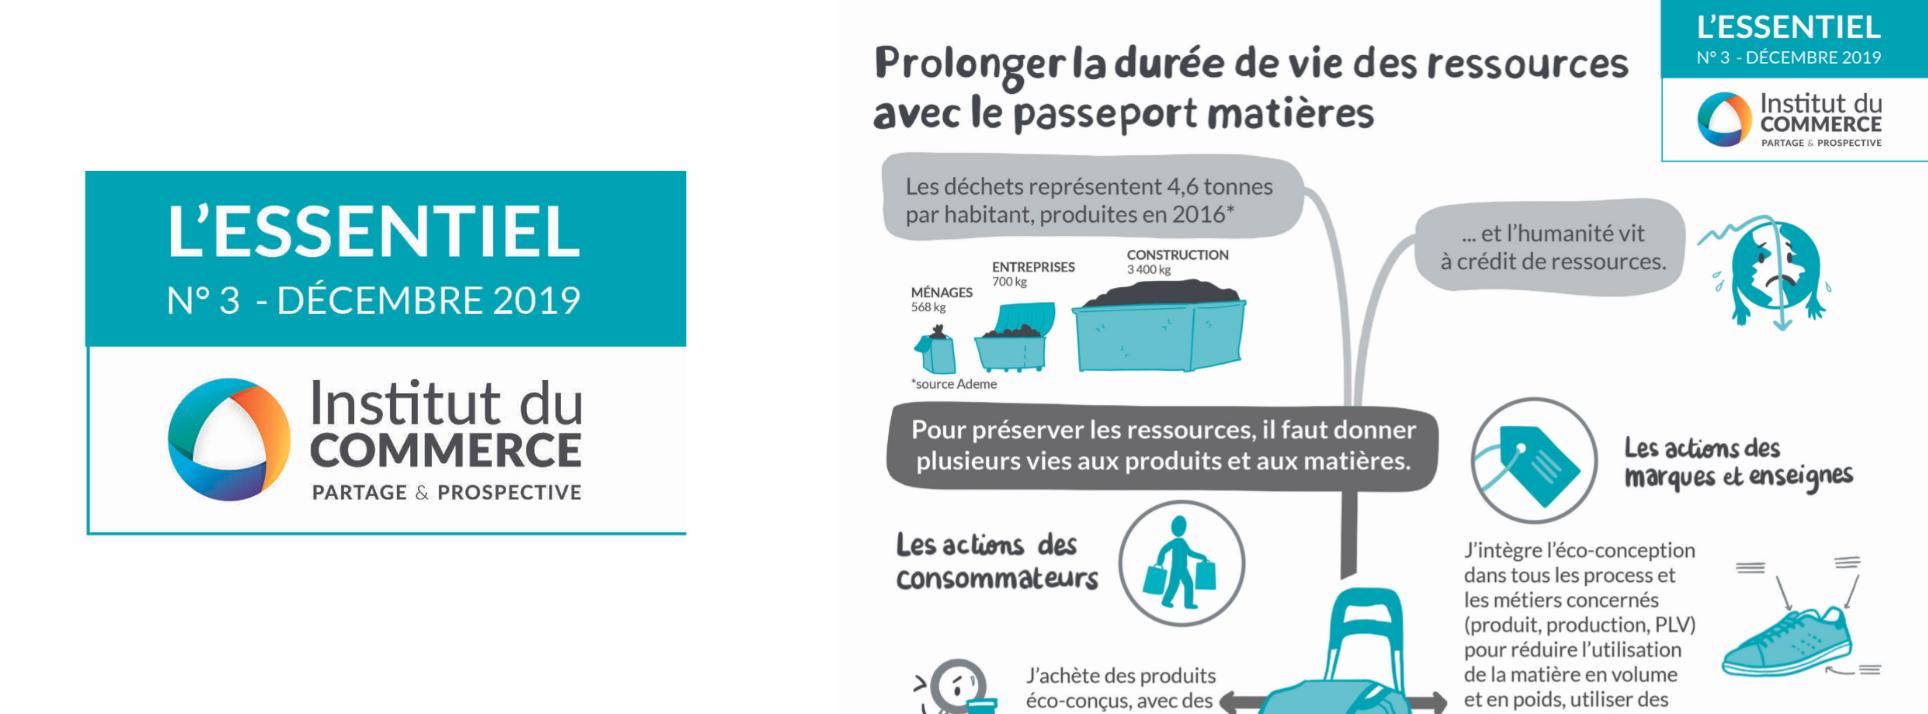 Essentiel #3 : Prolonger la durée de vie des ressources avec le passeport matière